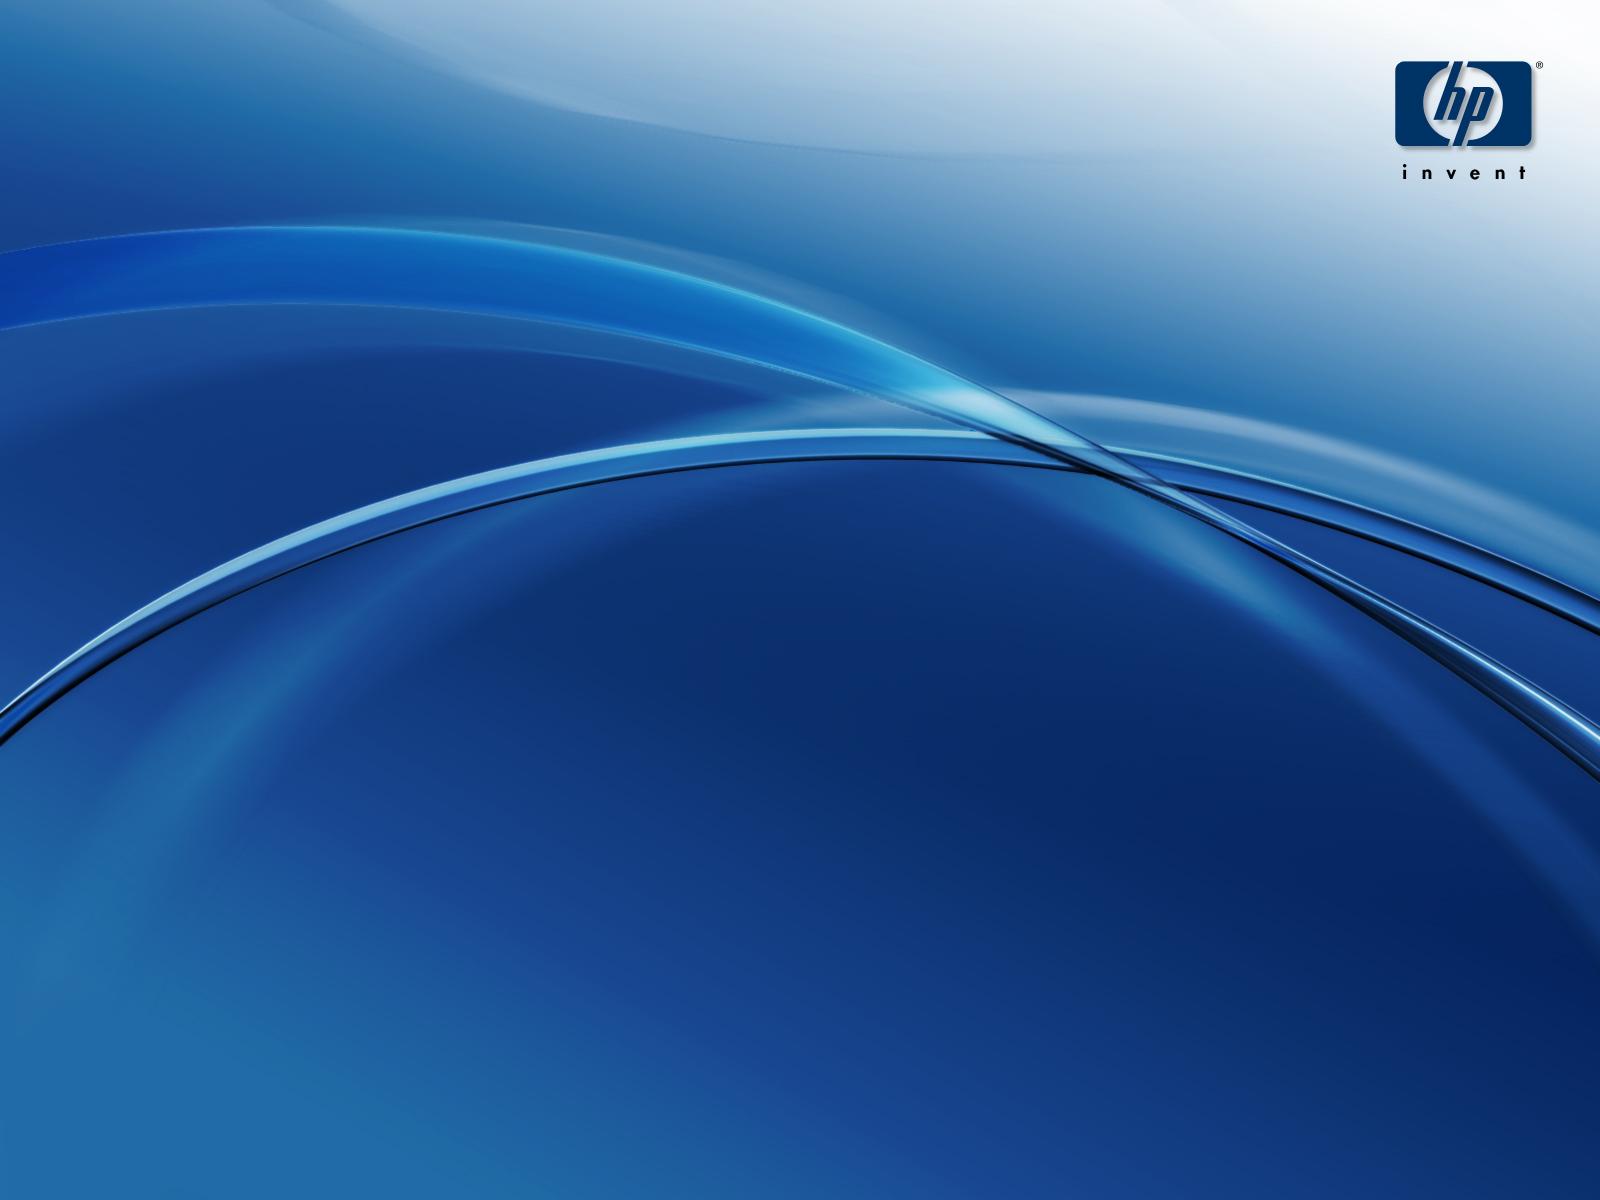 http://3.bp.blogspot.com/-oAJdHu2Cqcc/T3NdJ397UPI/AAAAAAAAALY/iPb-UxveJcs/s1600/HP_clean_blue_1600x1200.jpg